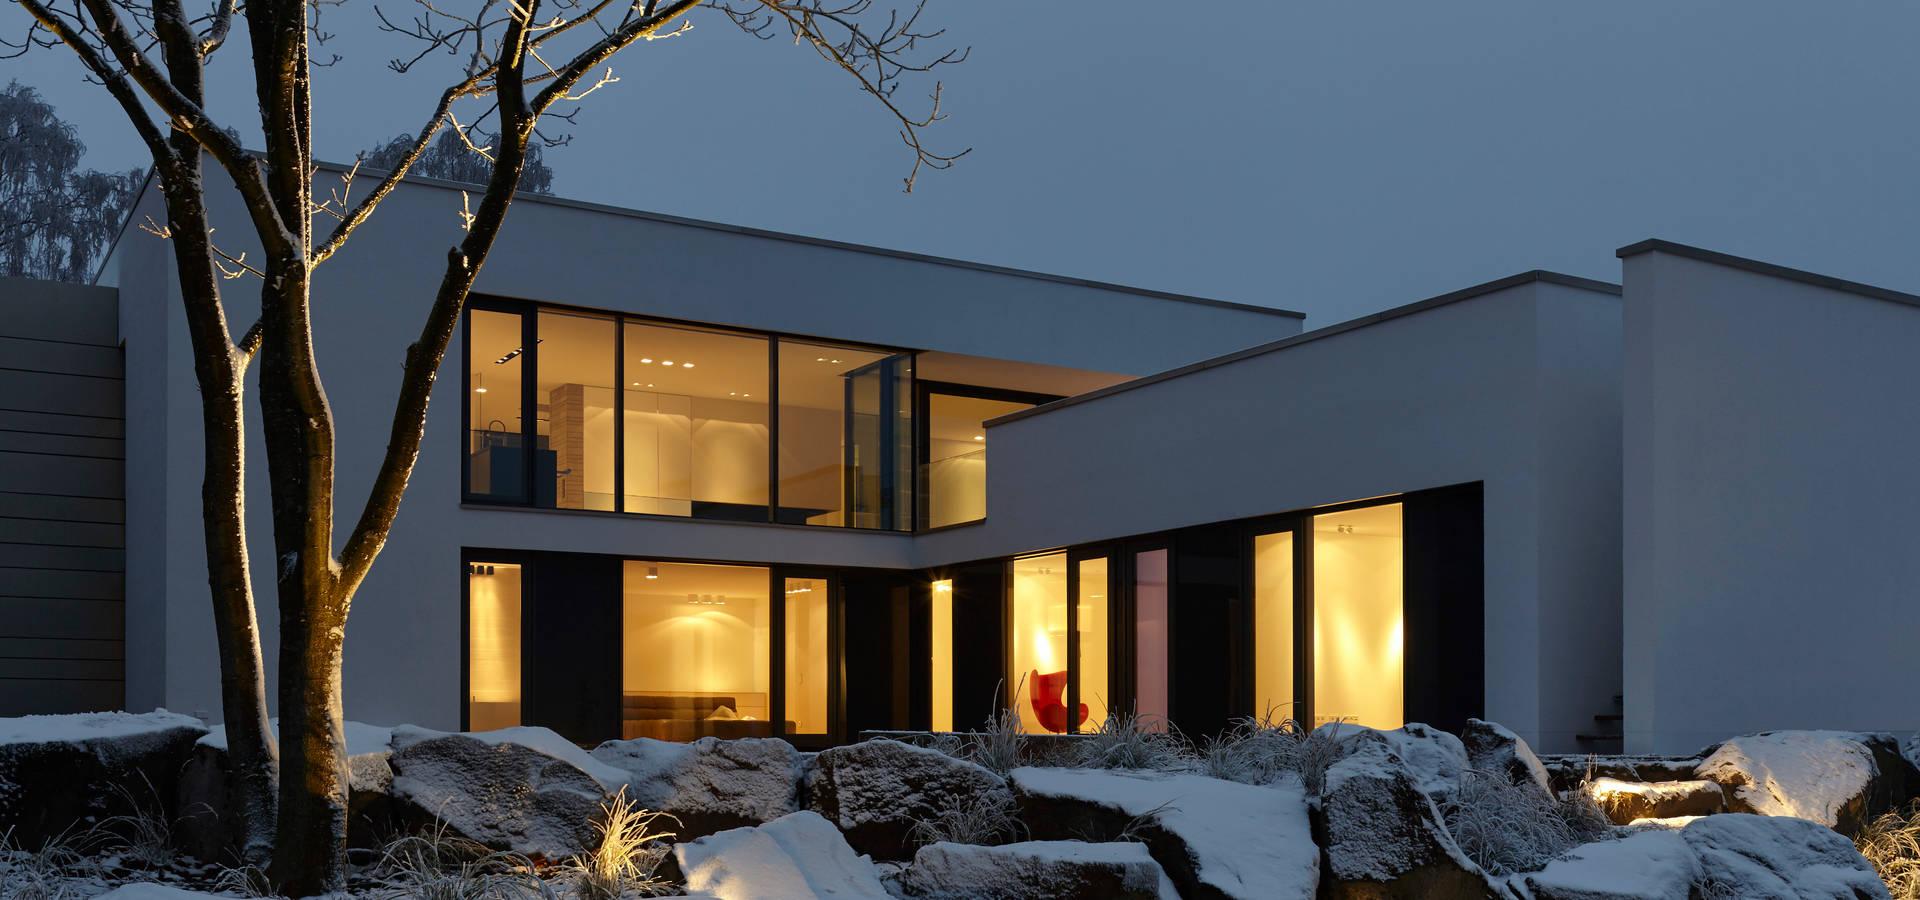 Fachwerk4 | Architekten BDA